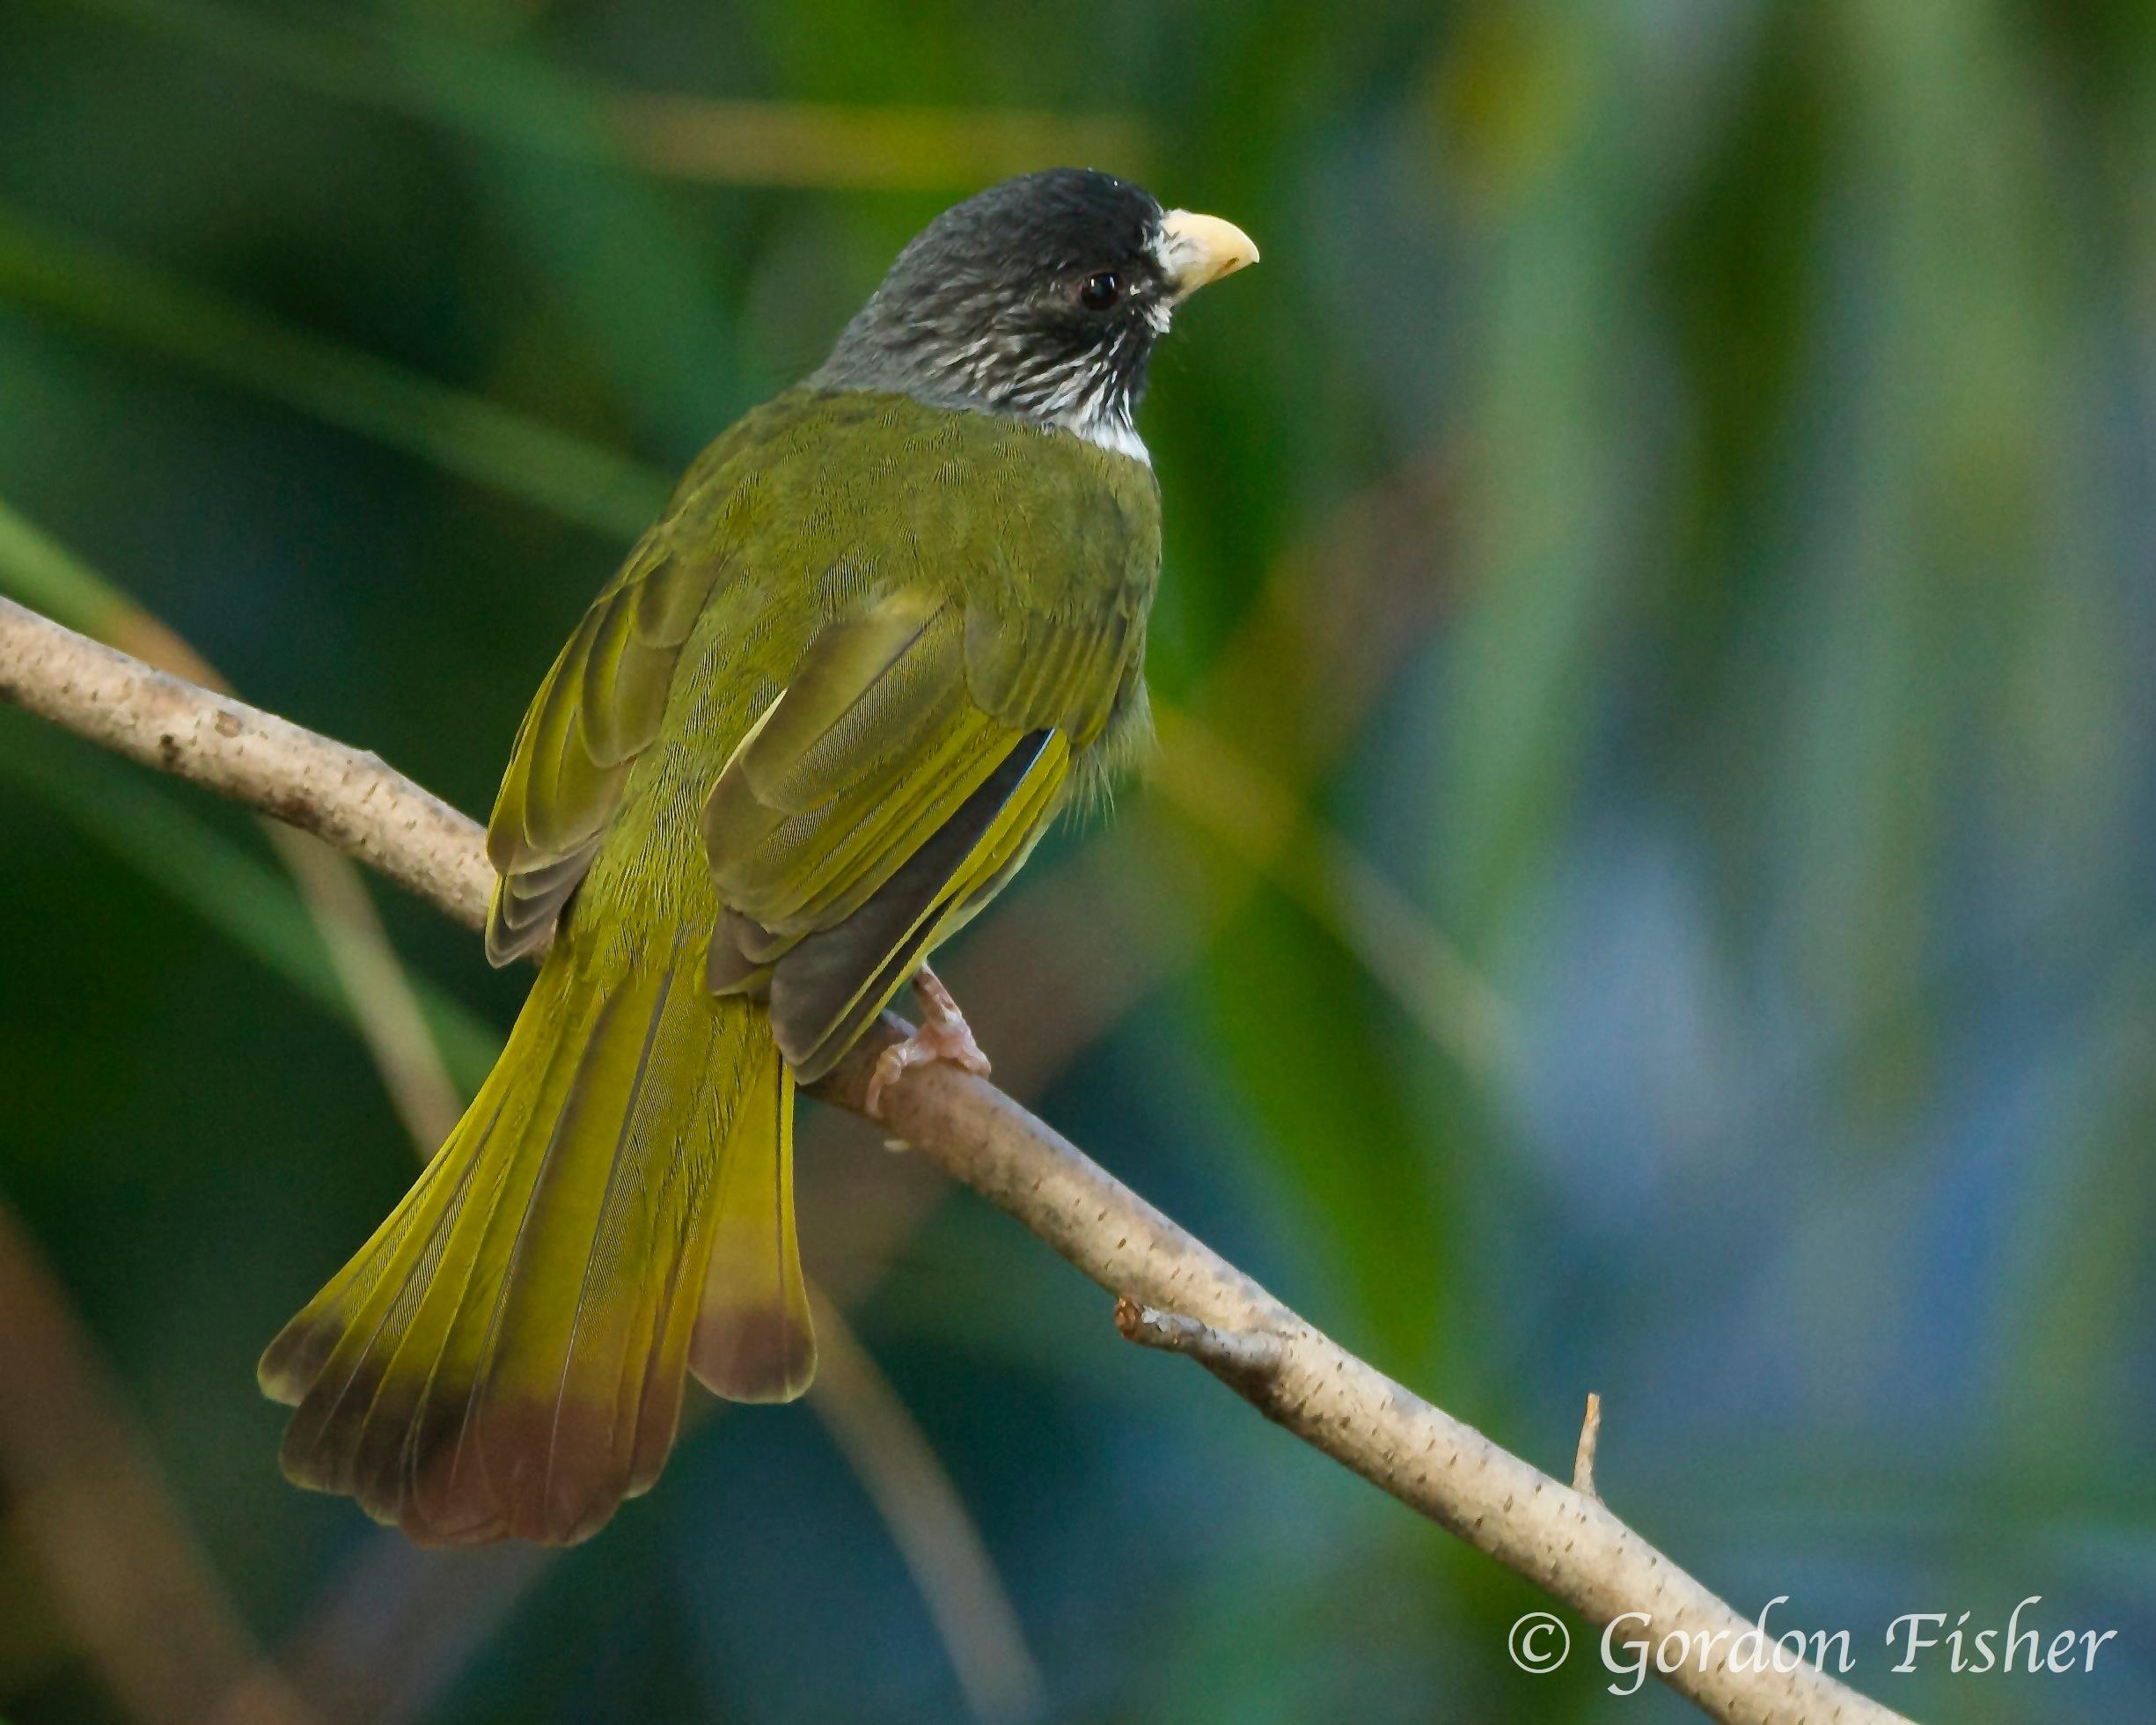 Collared Finch-billed Bulbul